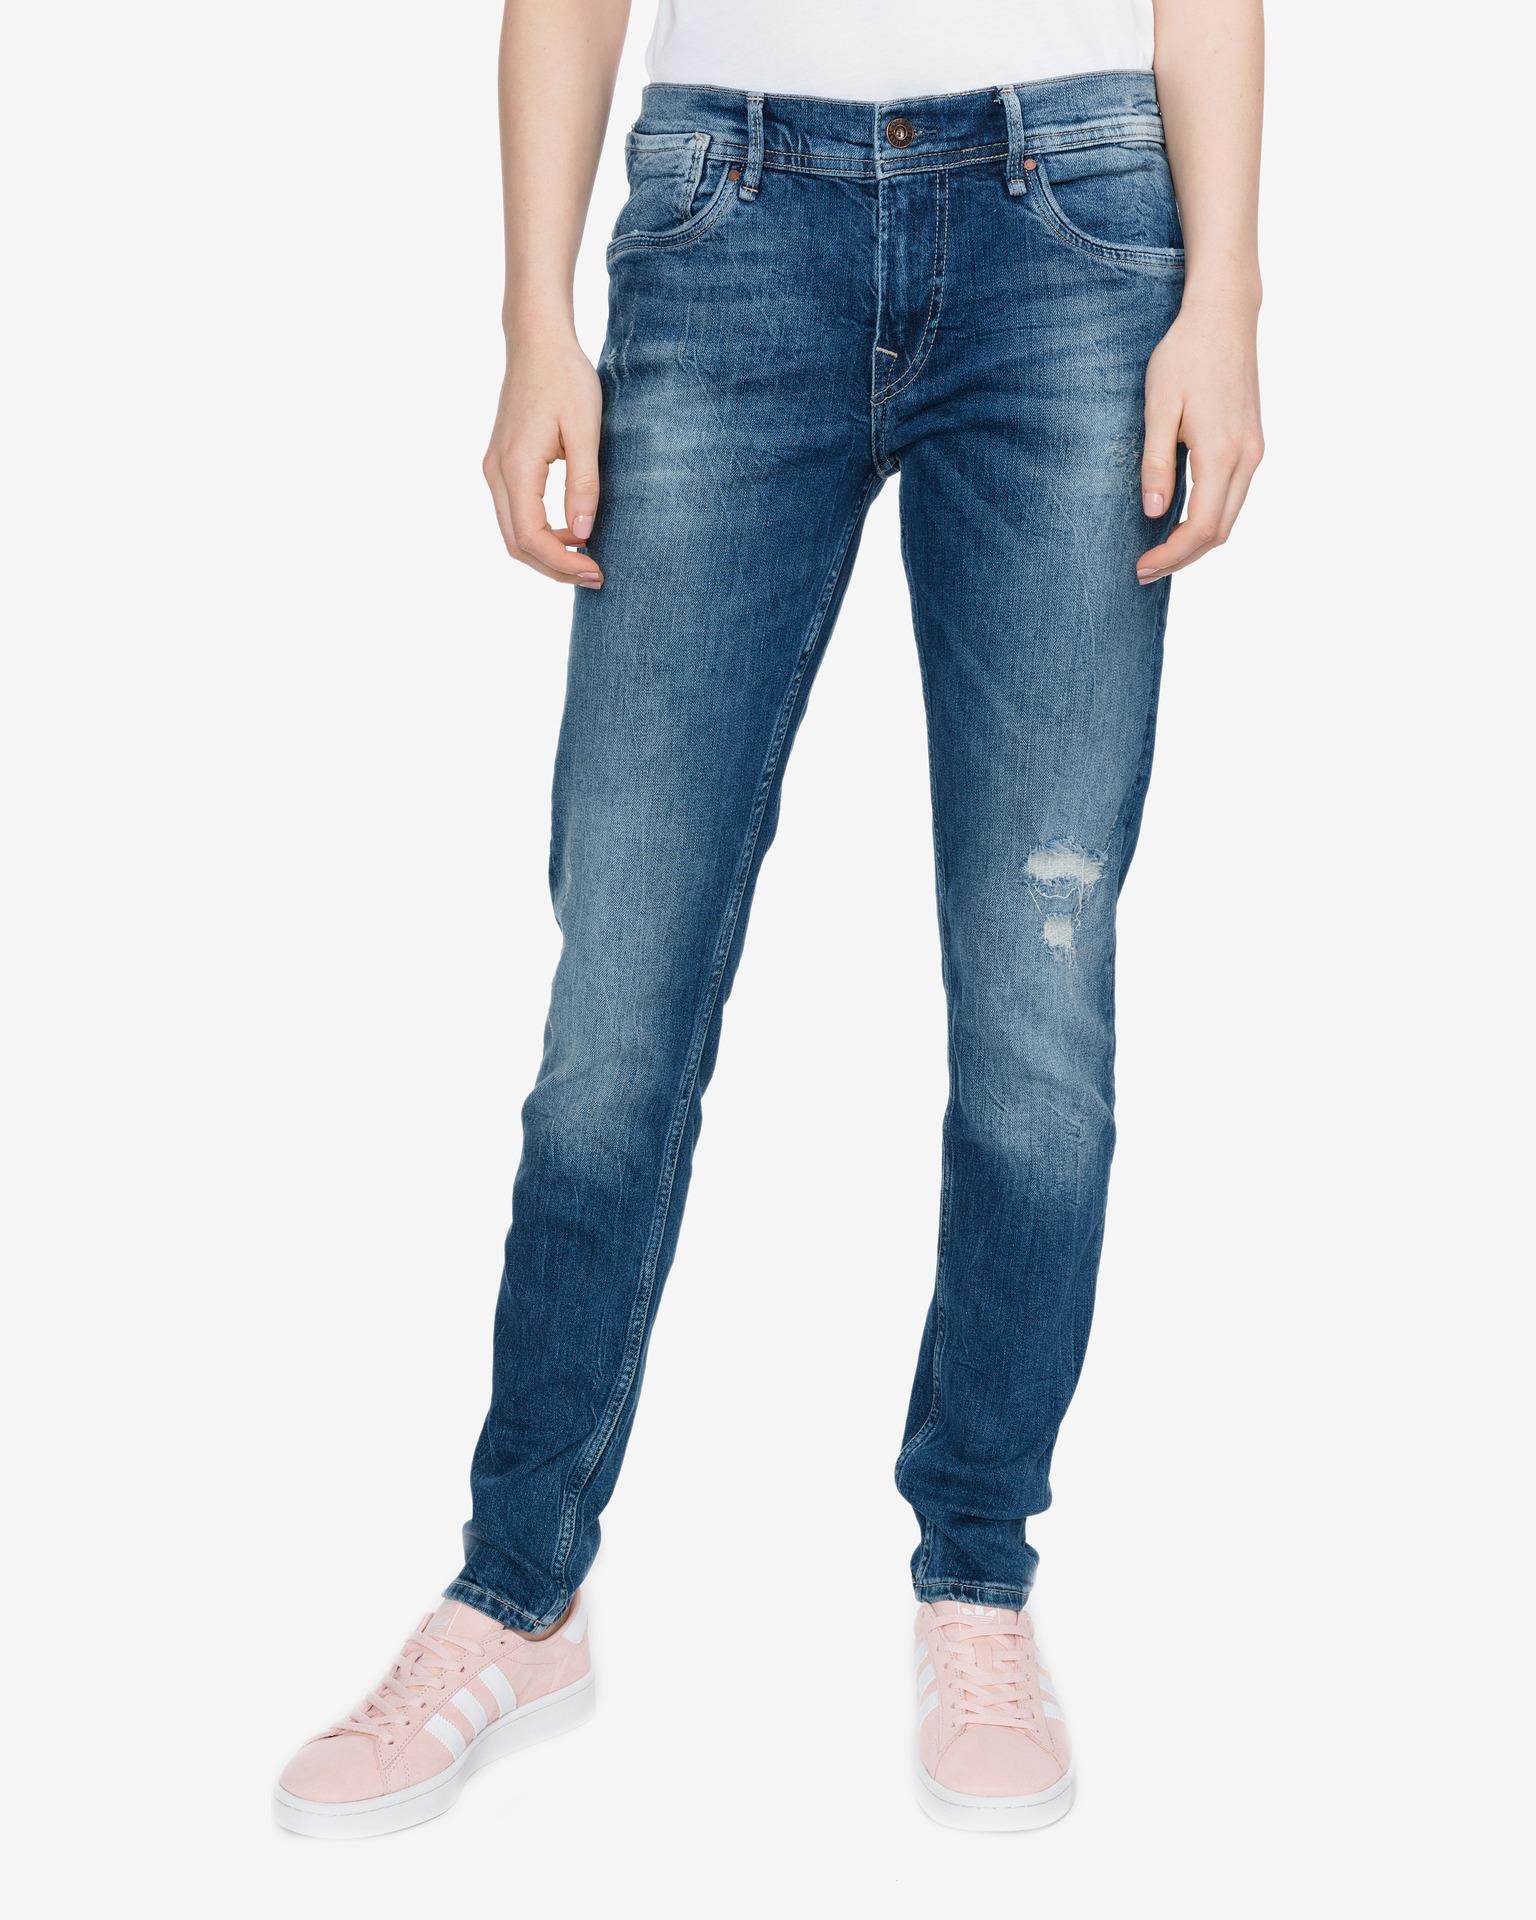 promo pepe jeans